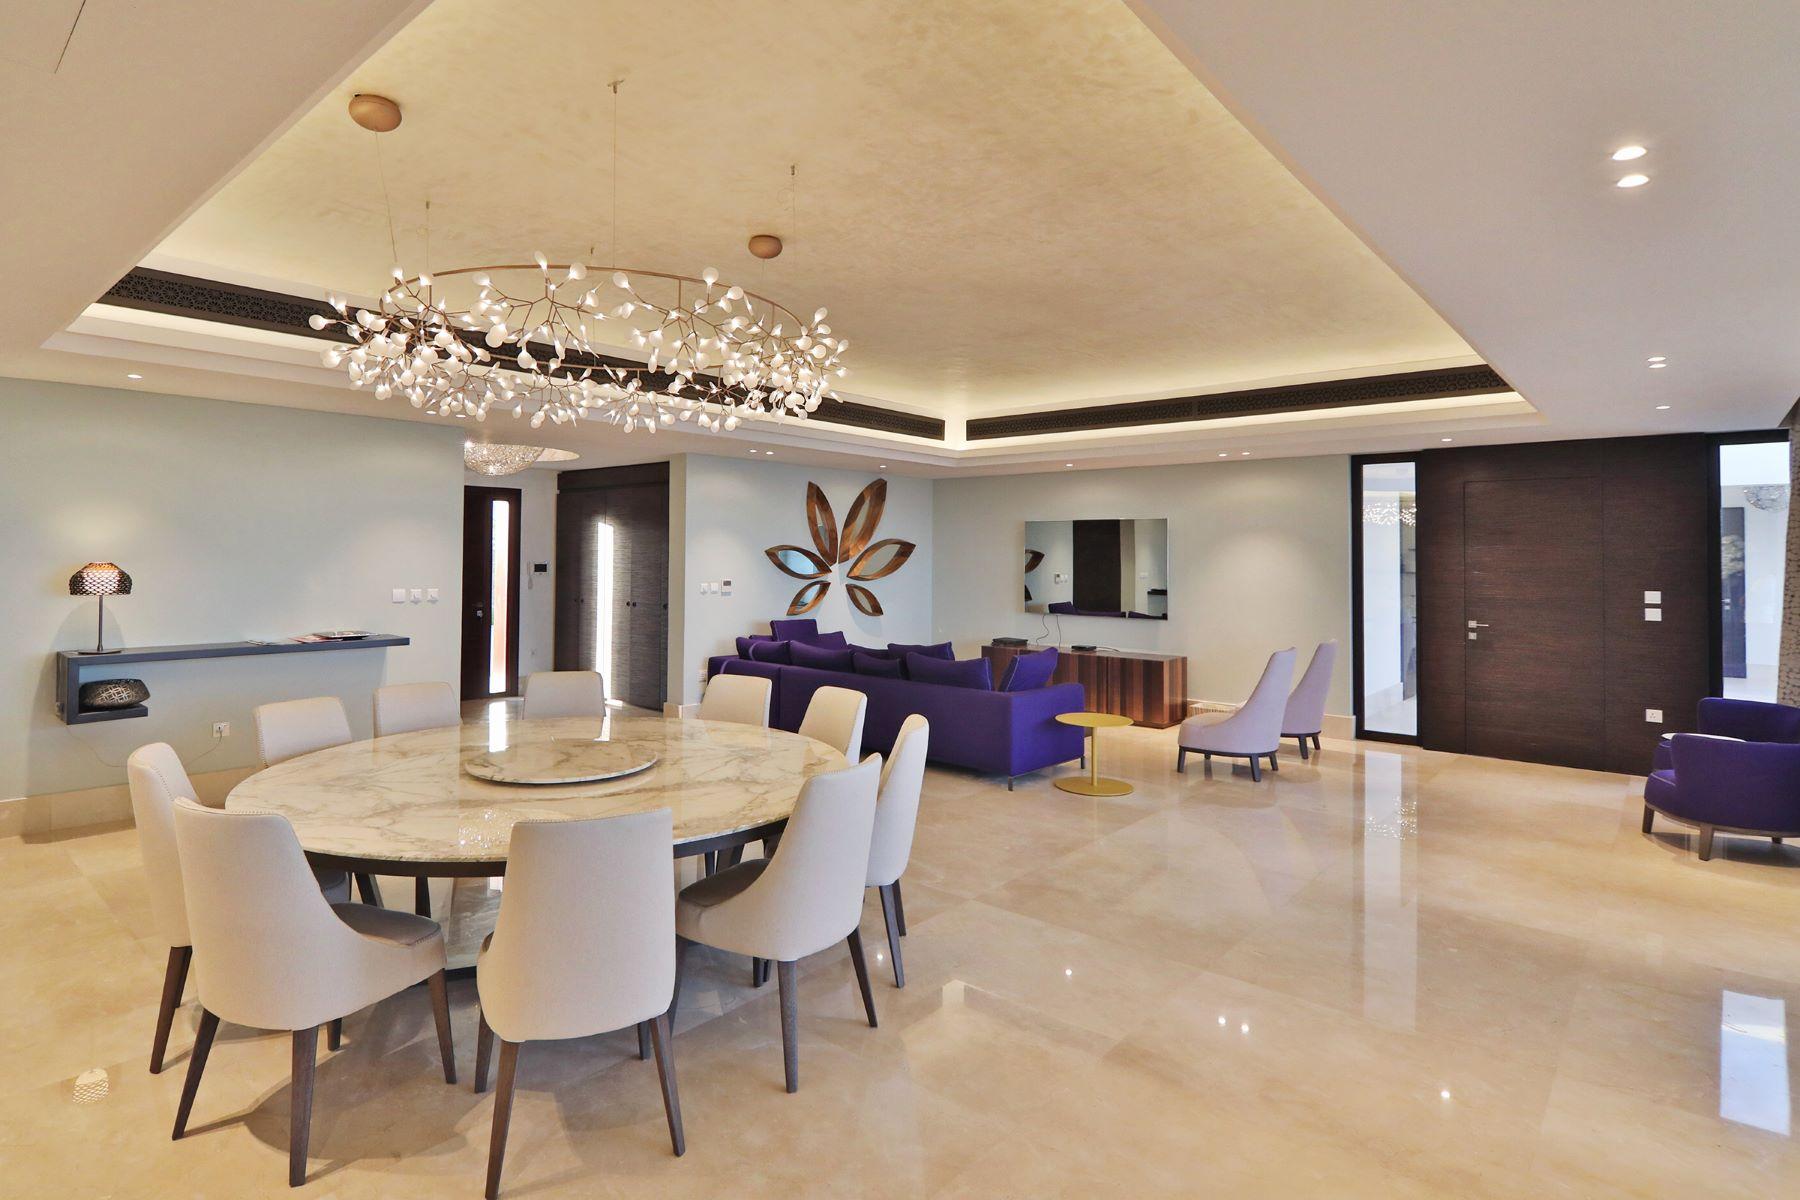 Частный односемейный дом для того Продажа на Outstanding Modern Contemporary Villa Other Masqat, Masqat, Oman